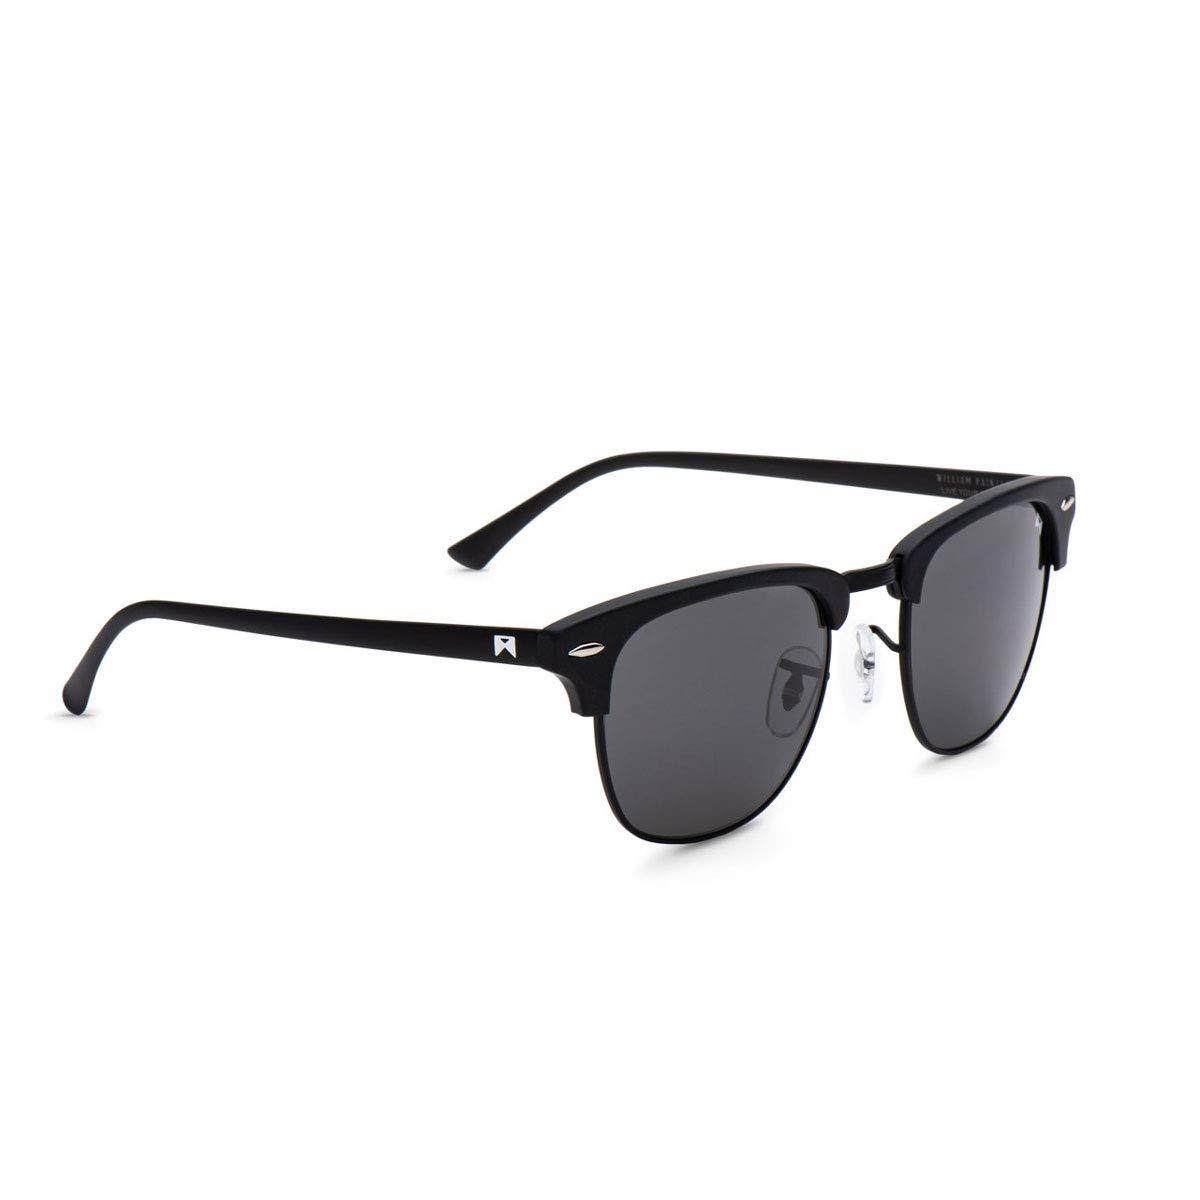 67c001d737 Amazon.com  William Painter- The Empire Polarized  Signature  Sunglasses  (Black   Black)  Clothing